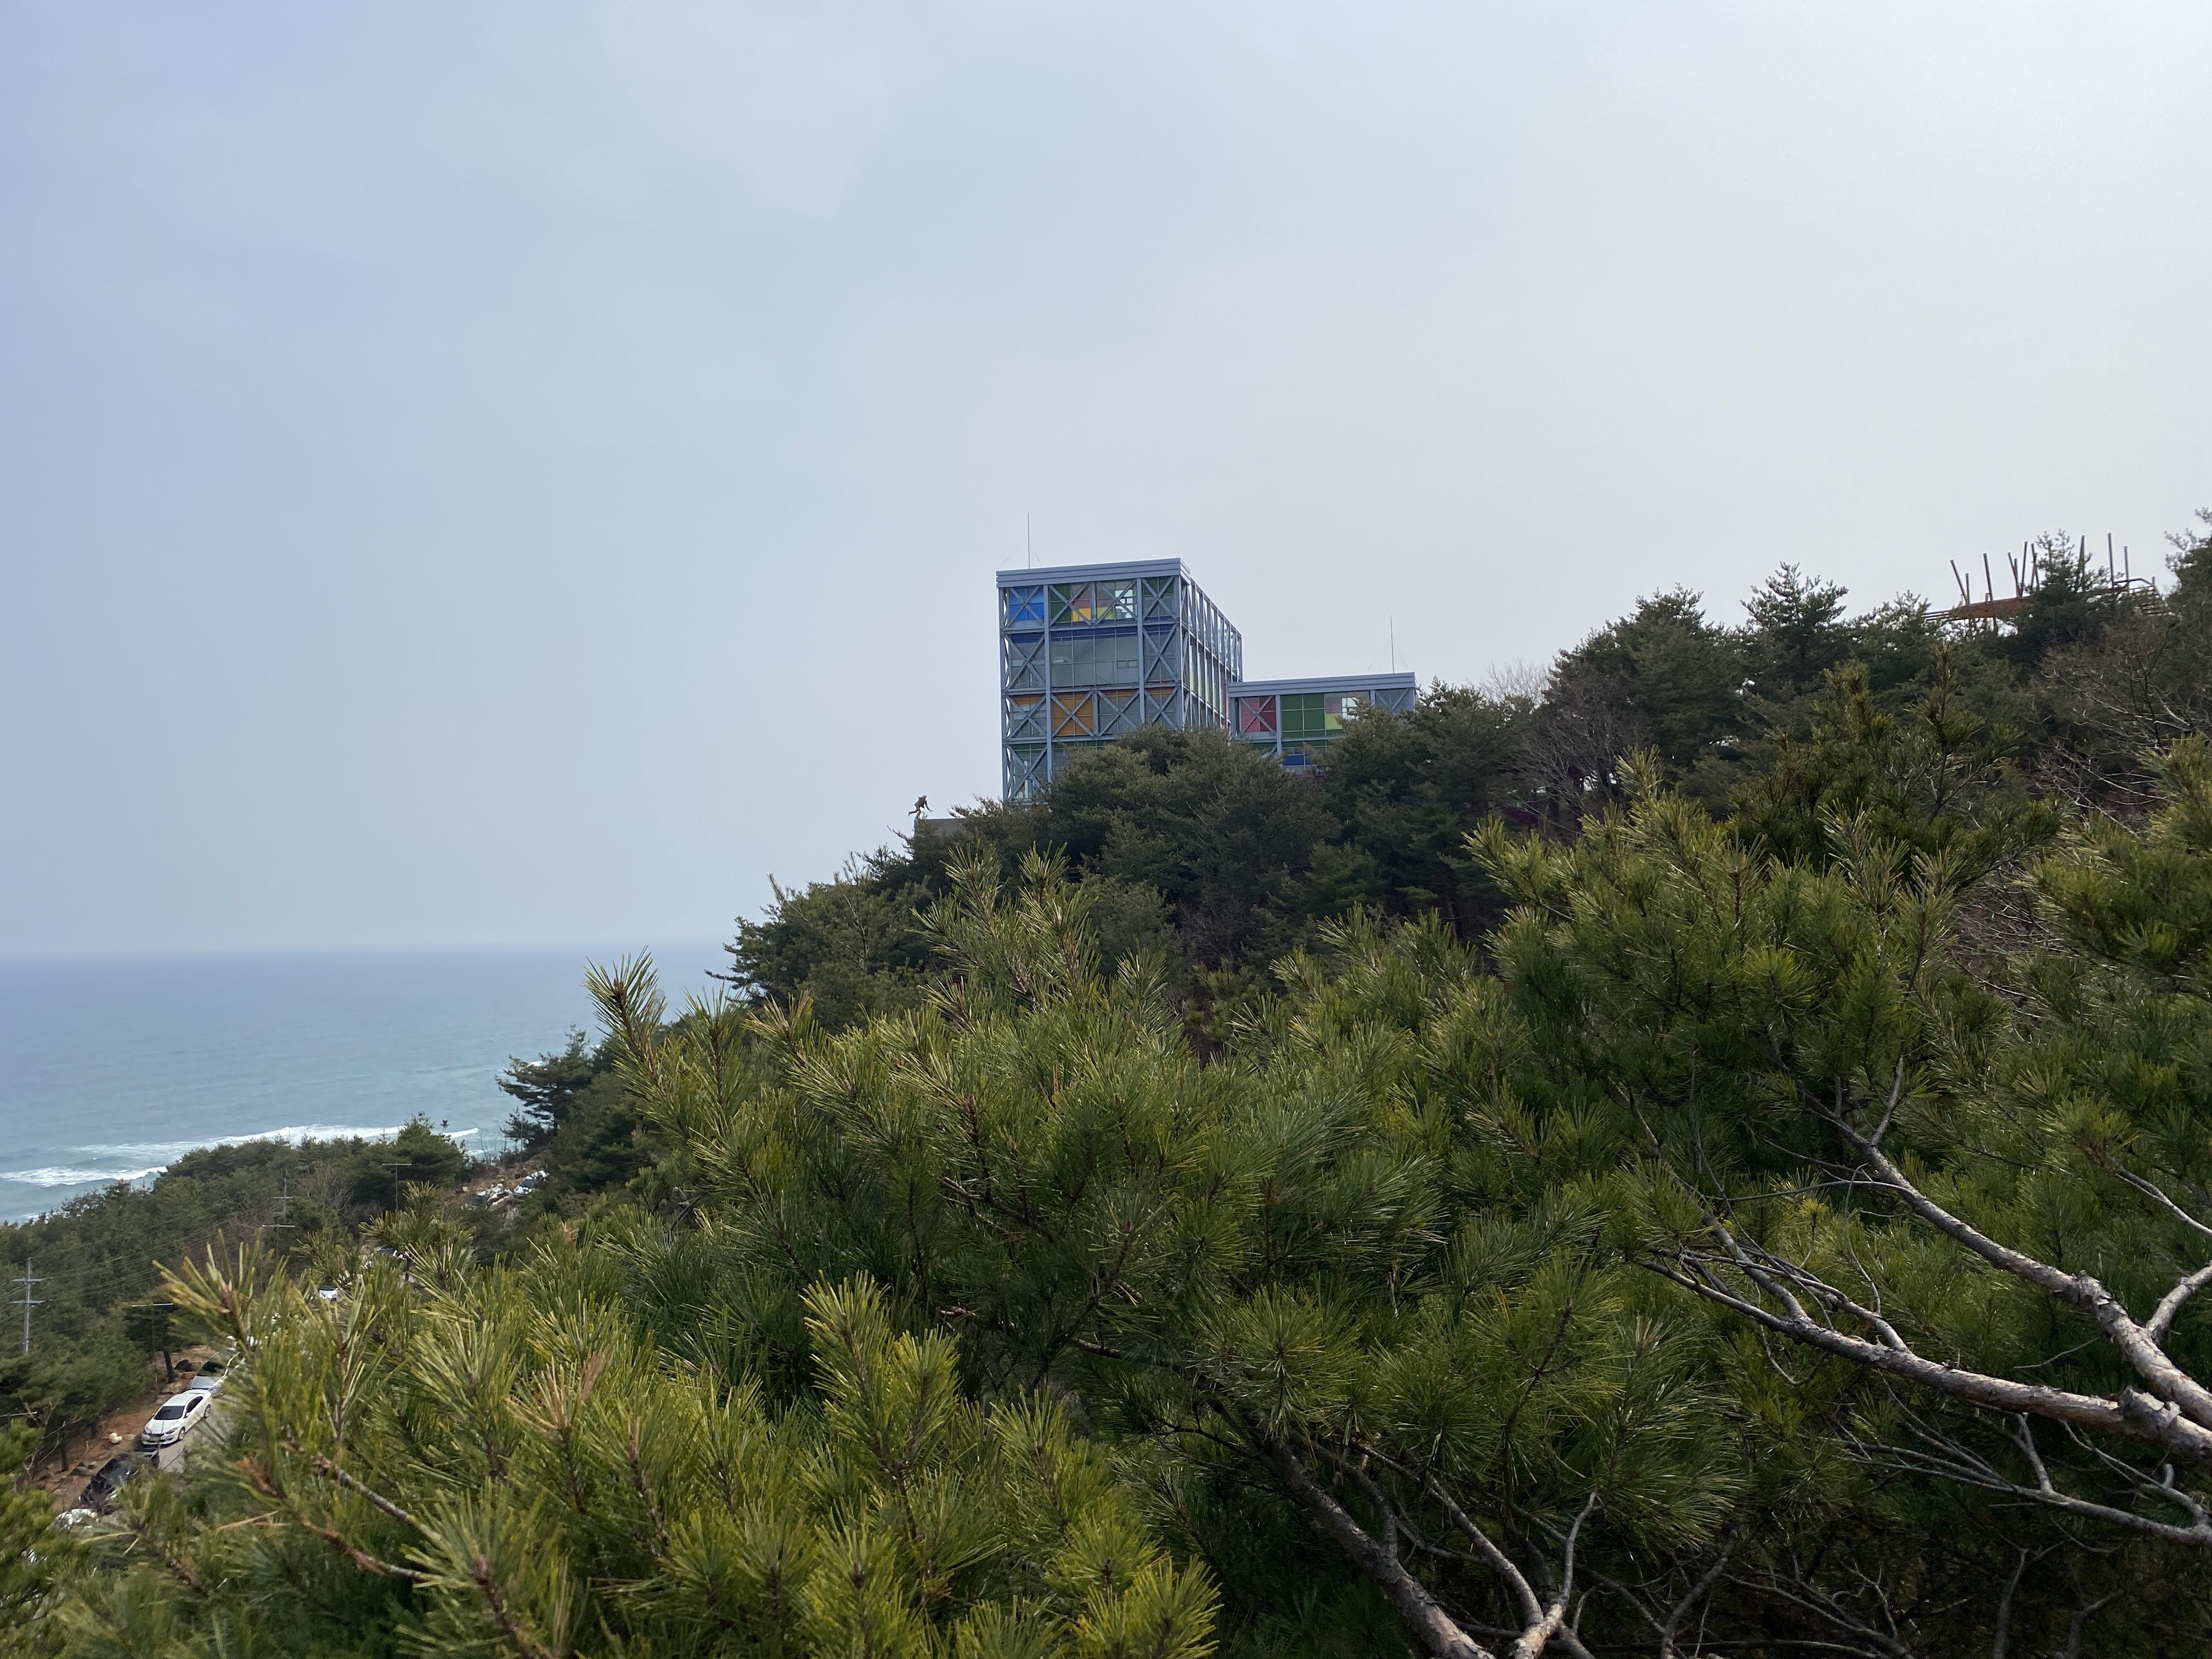 강릉여행/강릉 가볼만한 곳] 하슬라아트월드, 하슬라 미술관   작품을 ...에 대한 갤러리